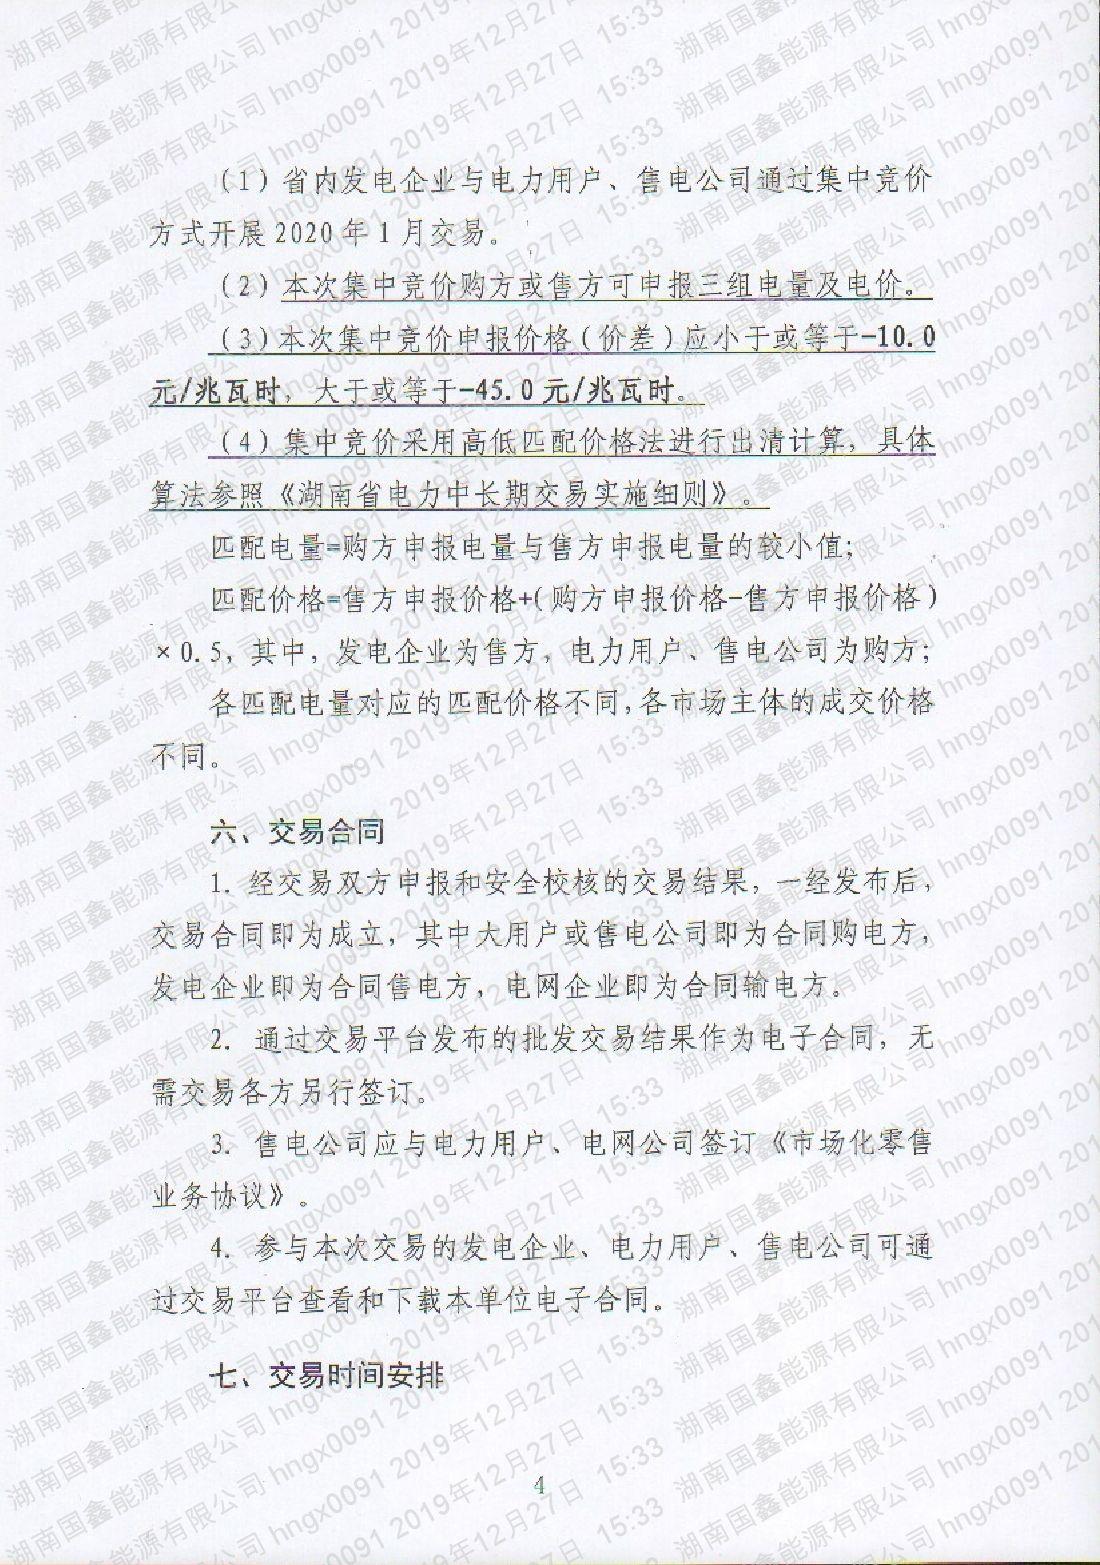 2020年第2號交易公告(1月月度交易).pdf_page_4_compressed.jpg